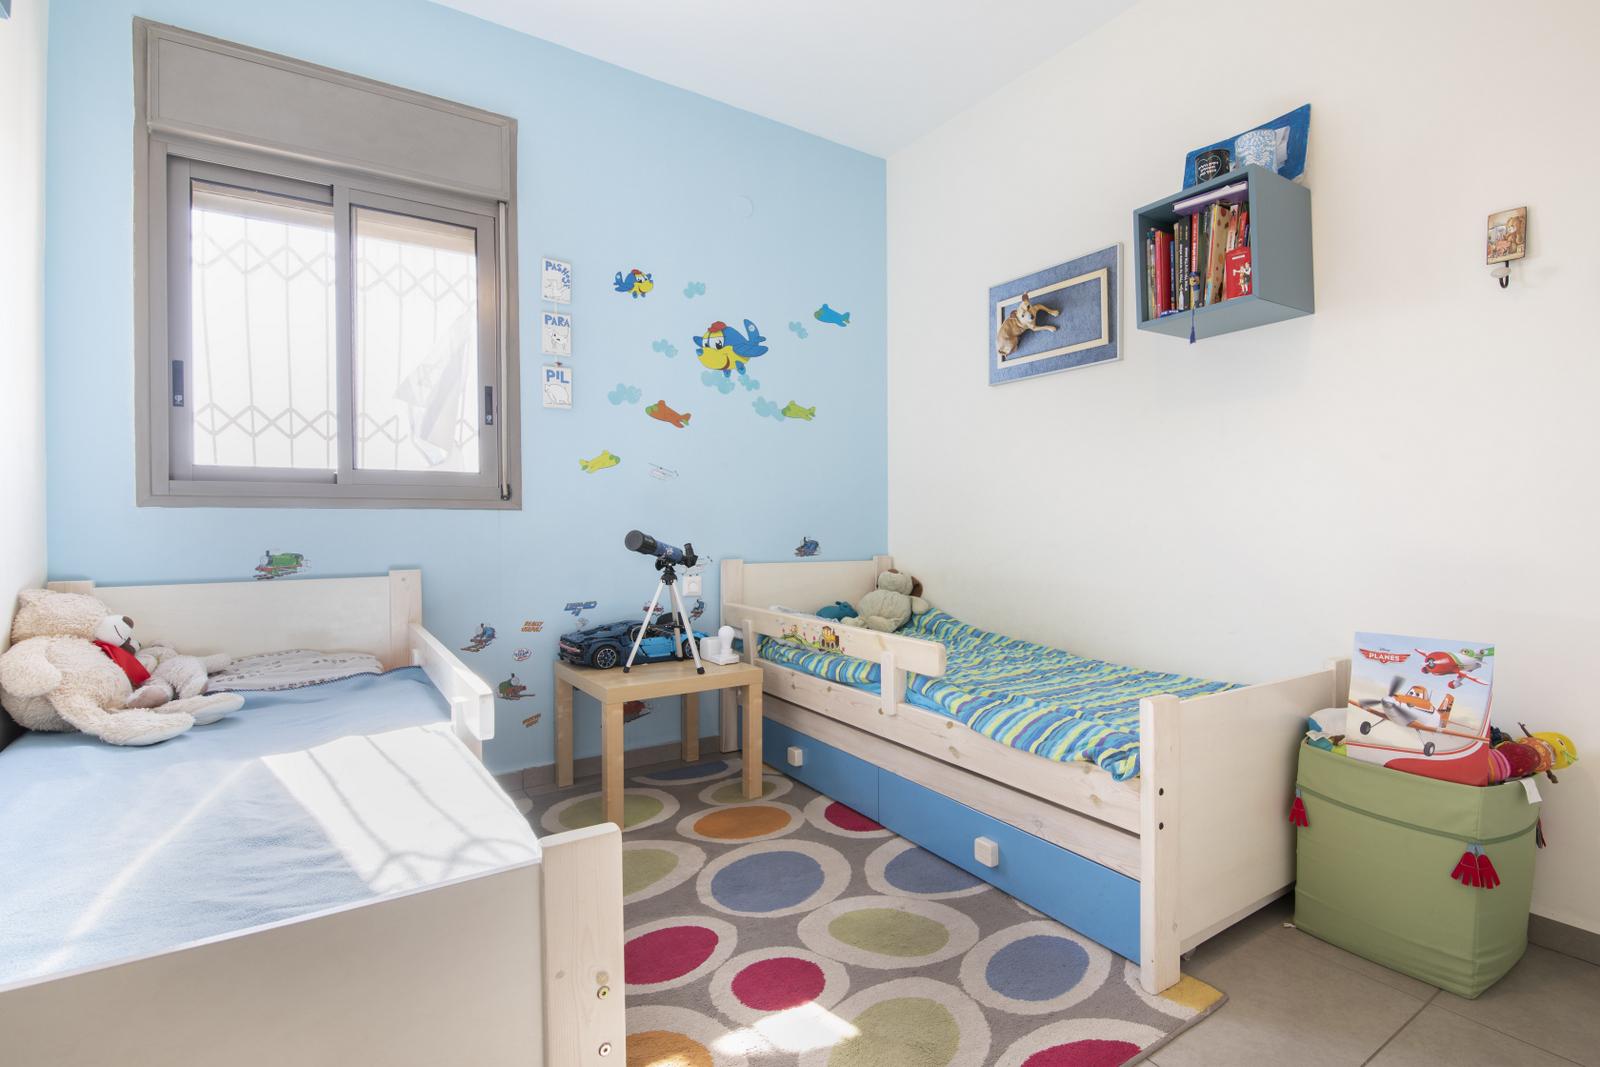 חדר ילדים פנטהאוז 5 חדרים שכונה פארק המושבה